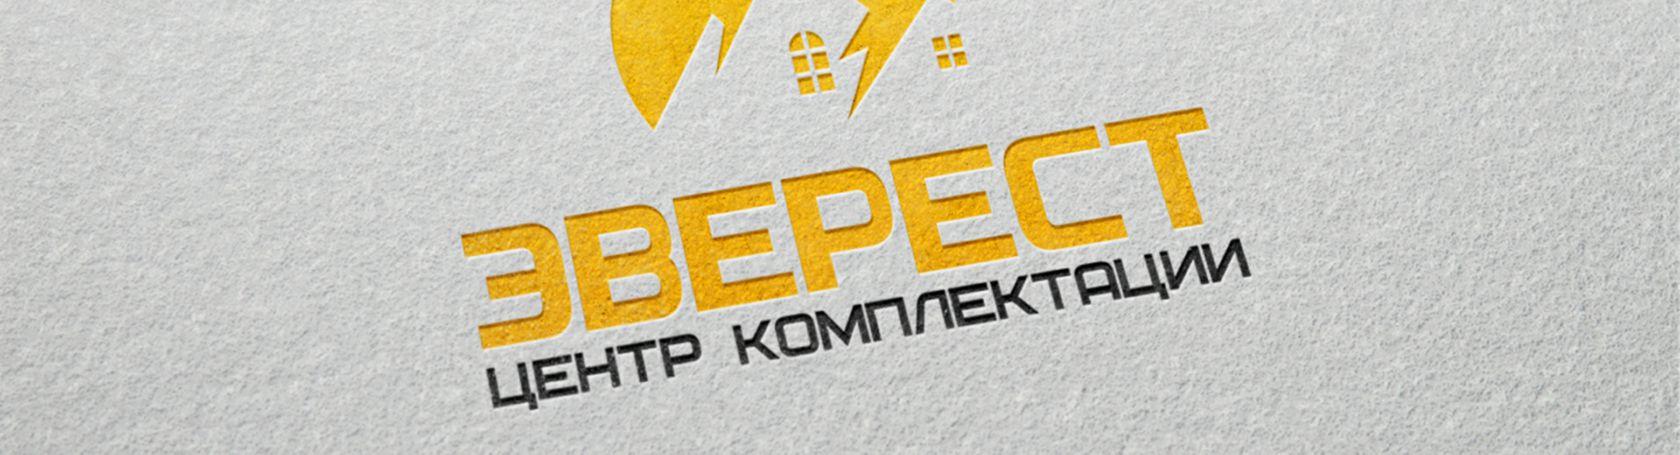 peopleheaderbg-min